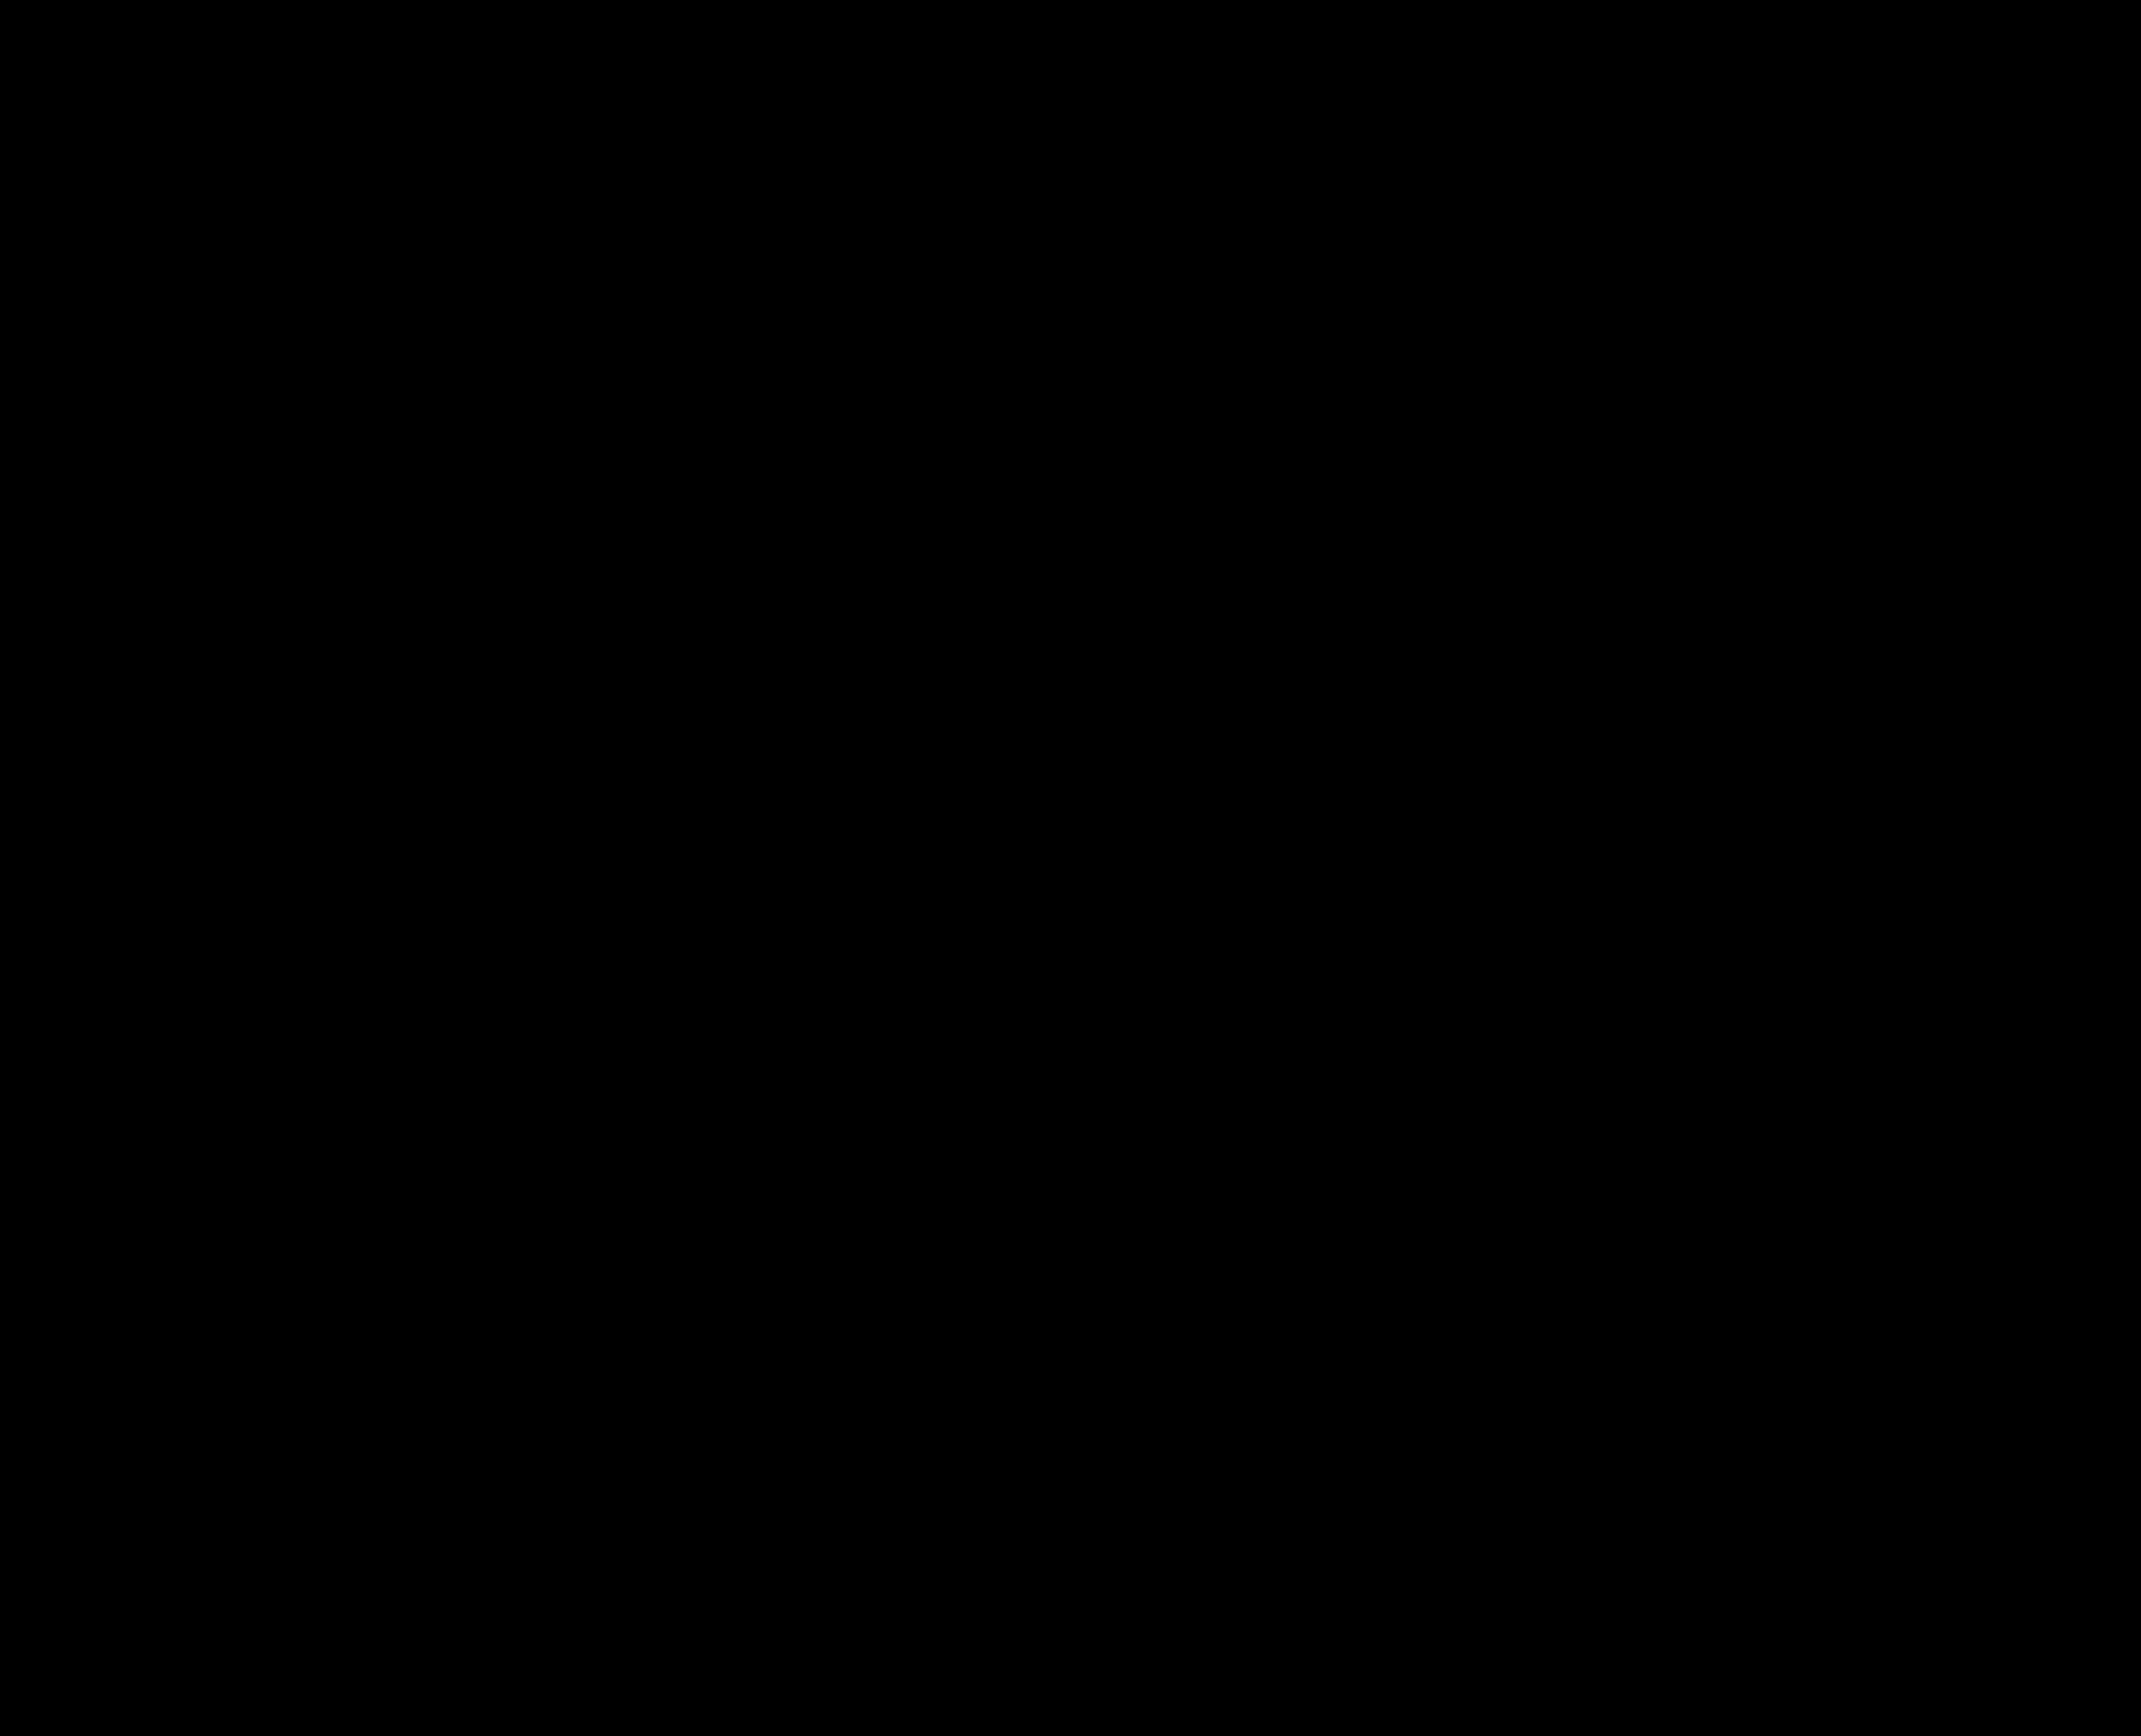 Table Arrangement Clipart